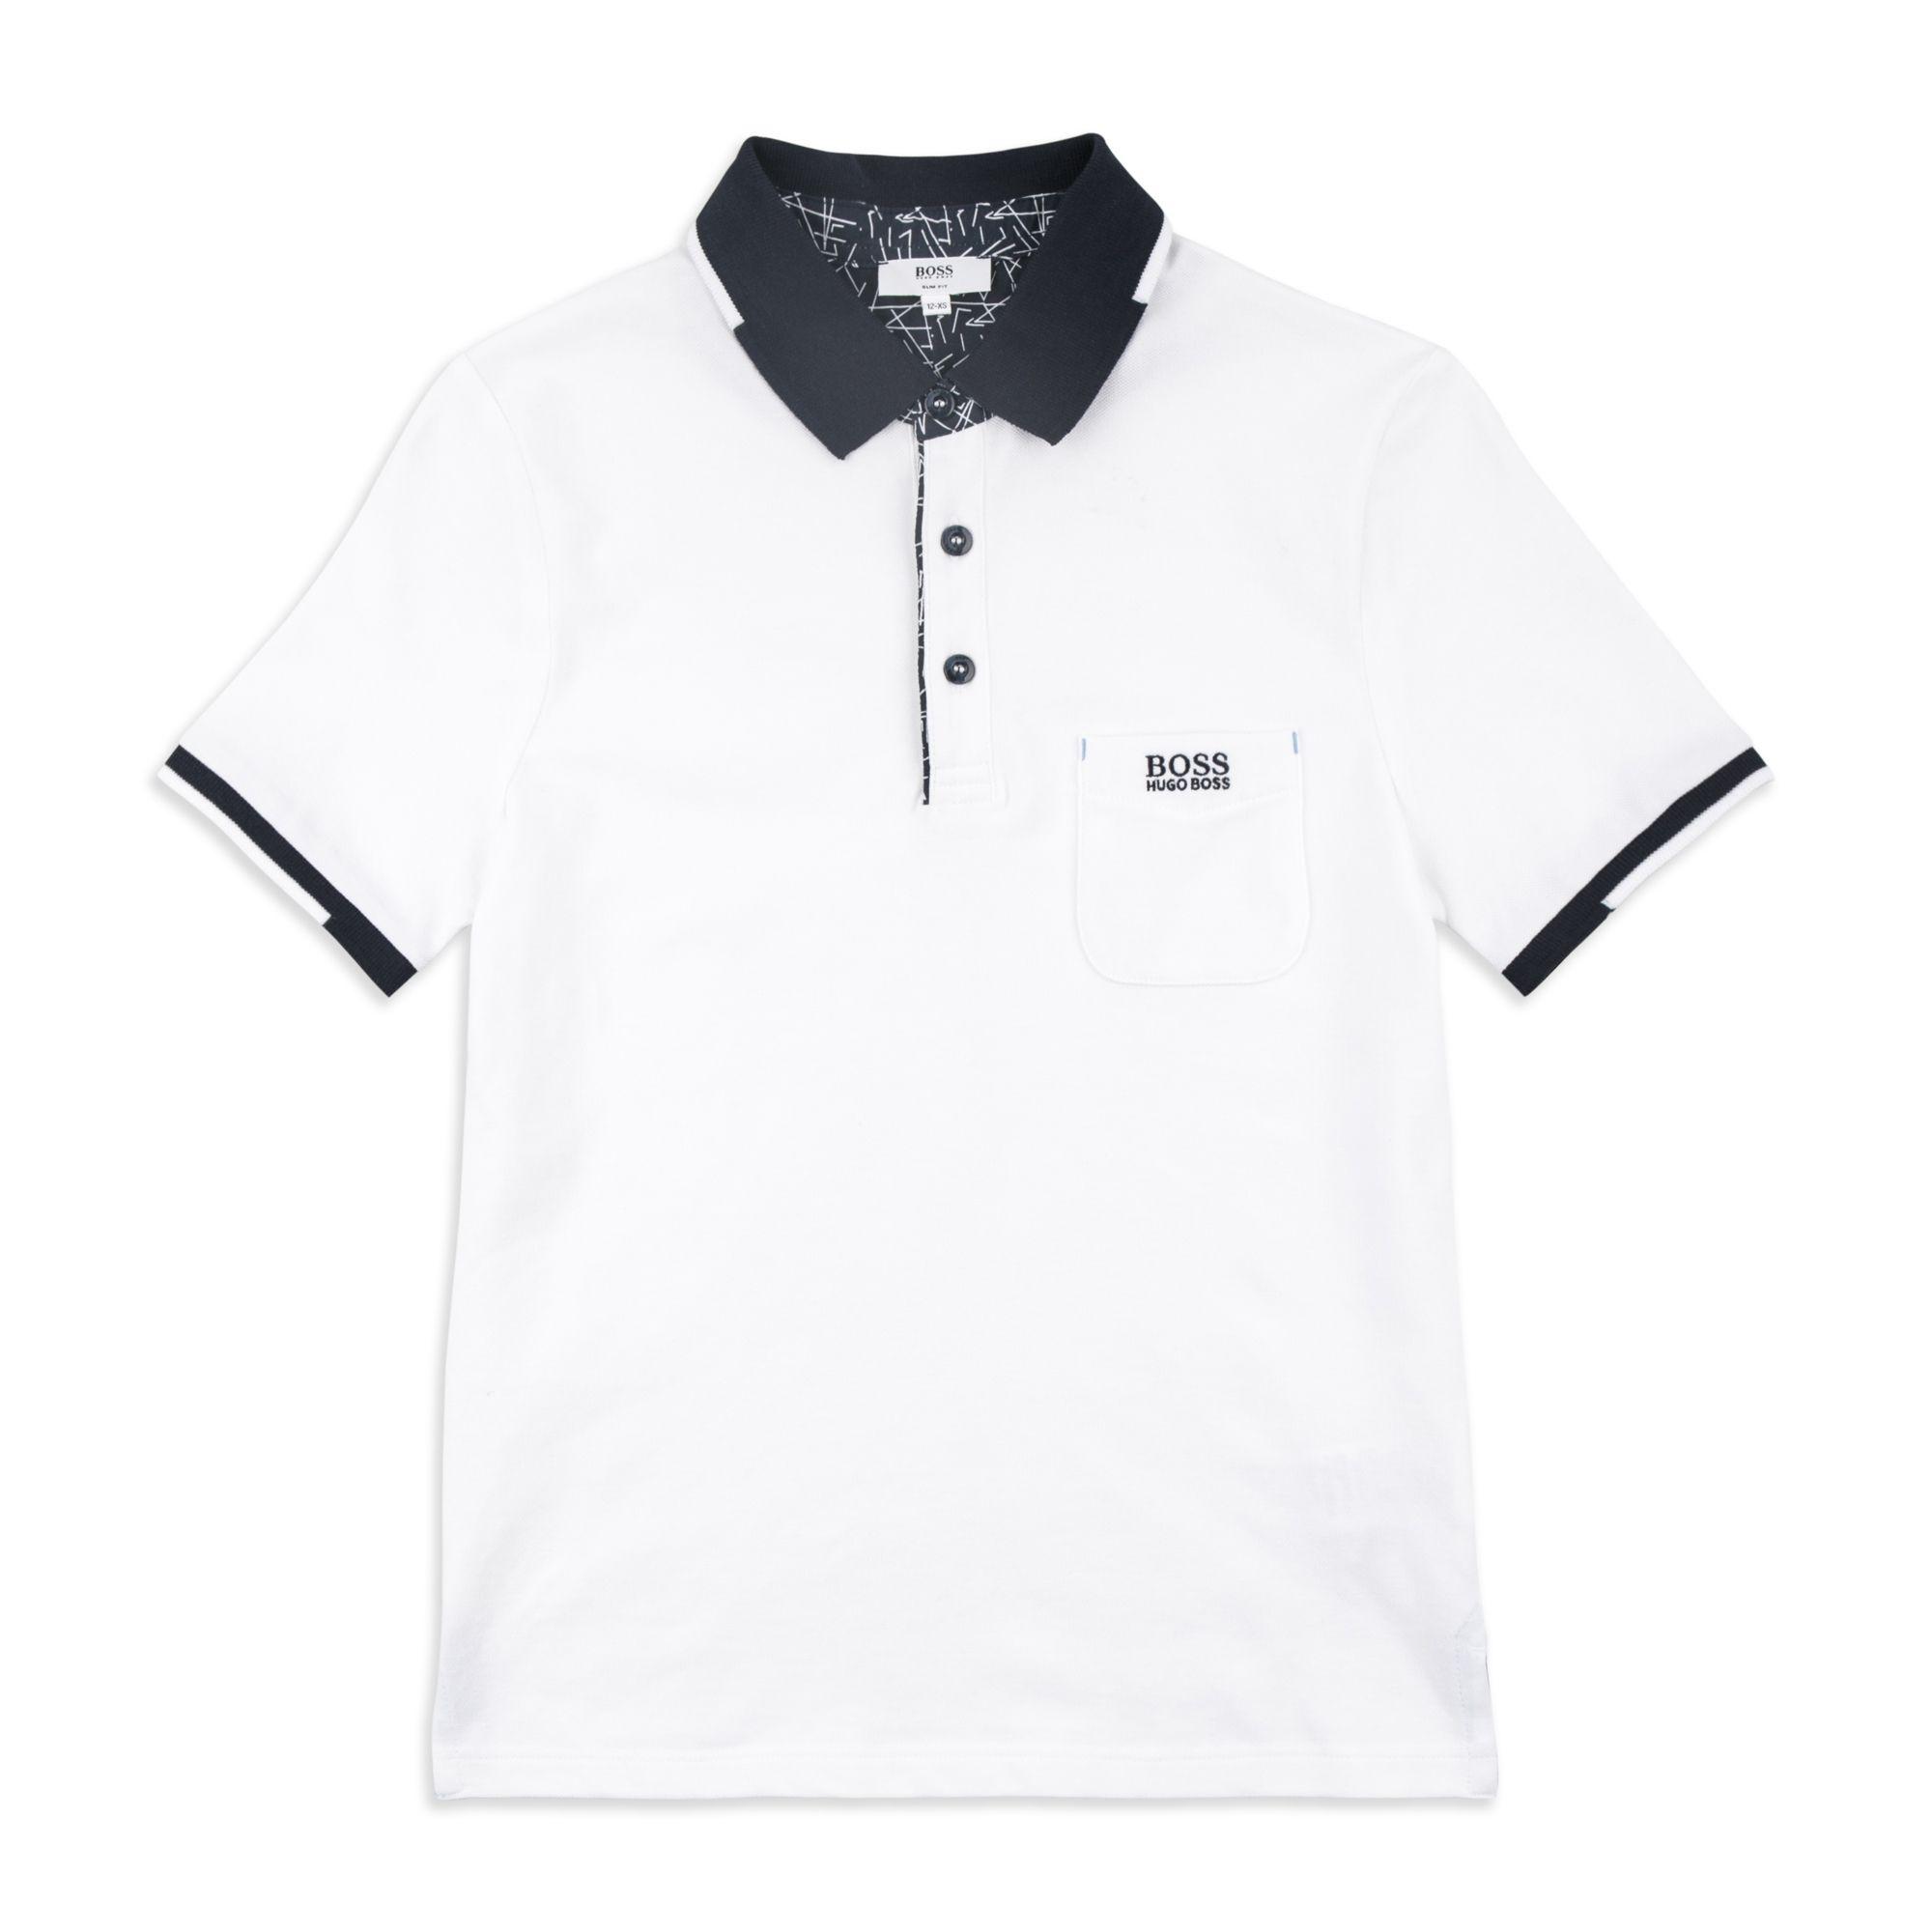 c56271fd40cd BOSS KIDS Boys Contrast Collar Pocket Polo - White Boys short sleeve polo •  Lightweight cotton pique • Three button placket • Contrast collar design •  Woven ...